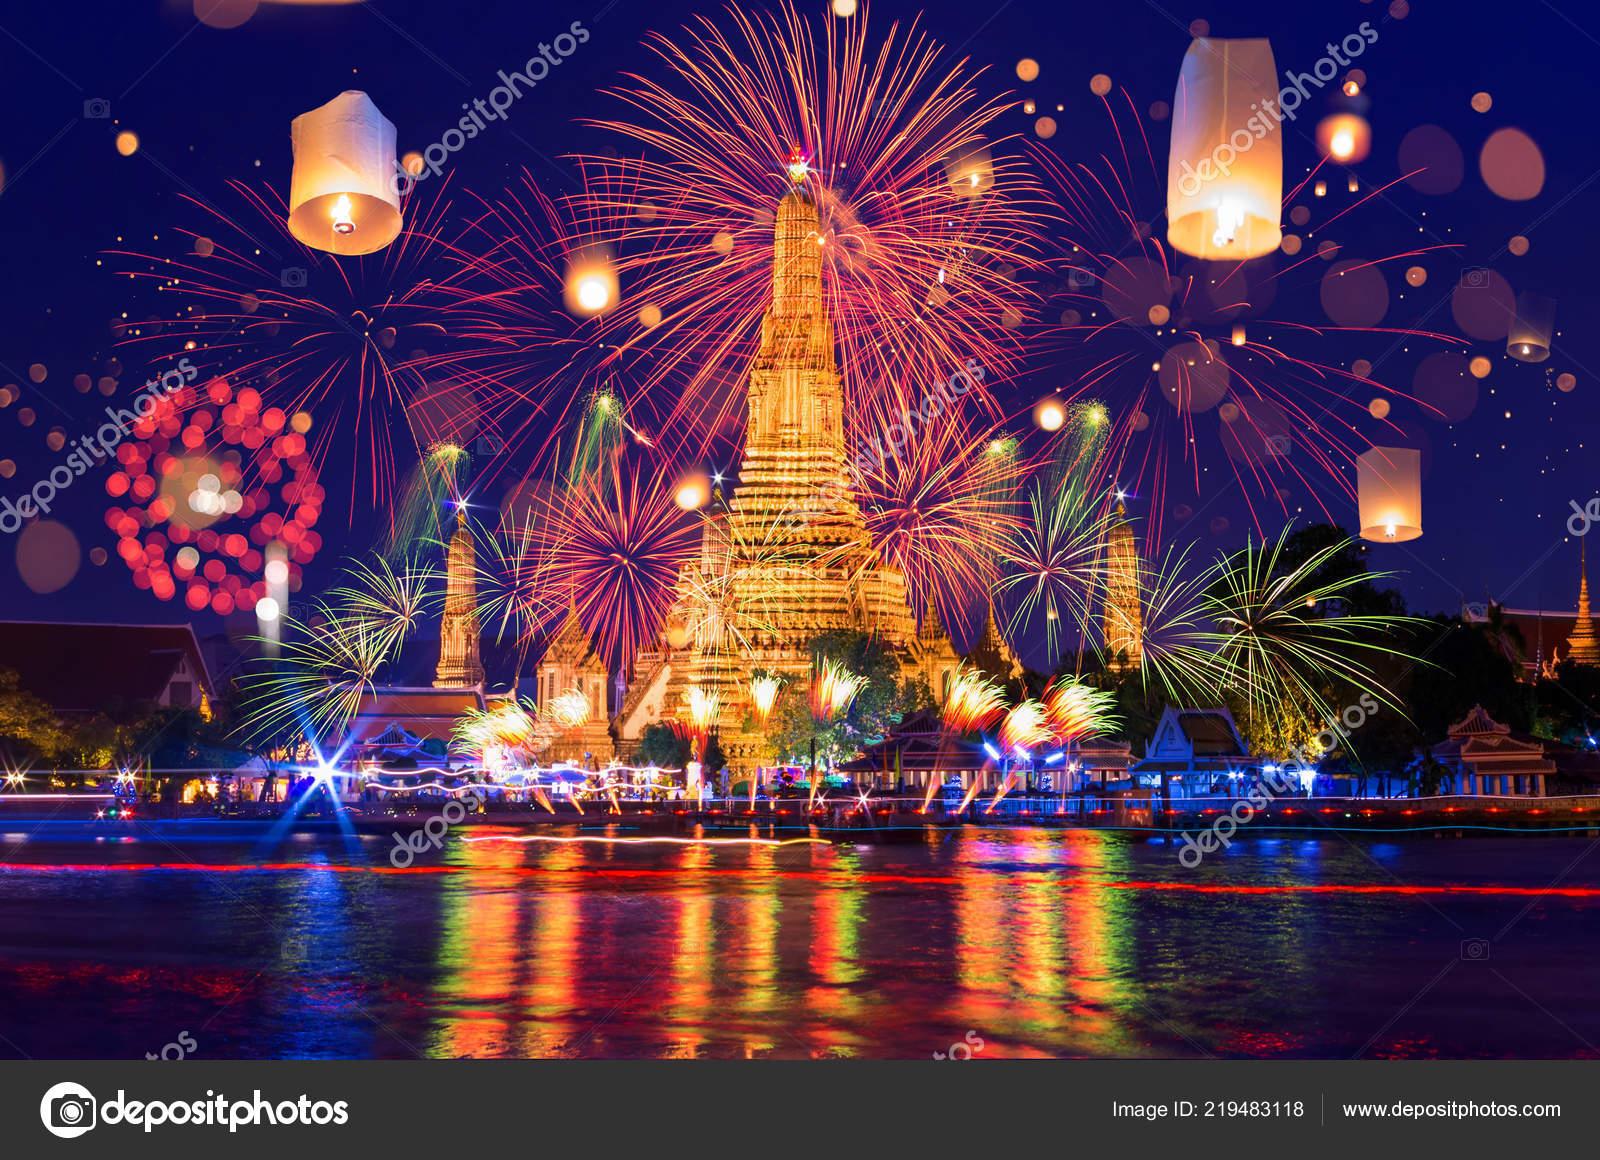 bangkok happy new year countdown fireworks and lanterns at wat arun temple bangkok thailand photo by nirutdps